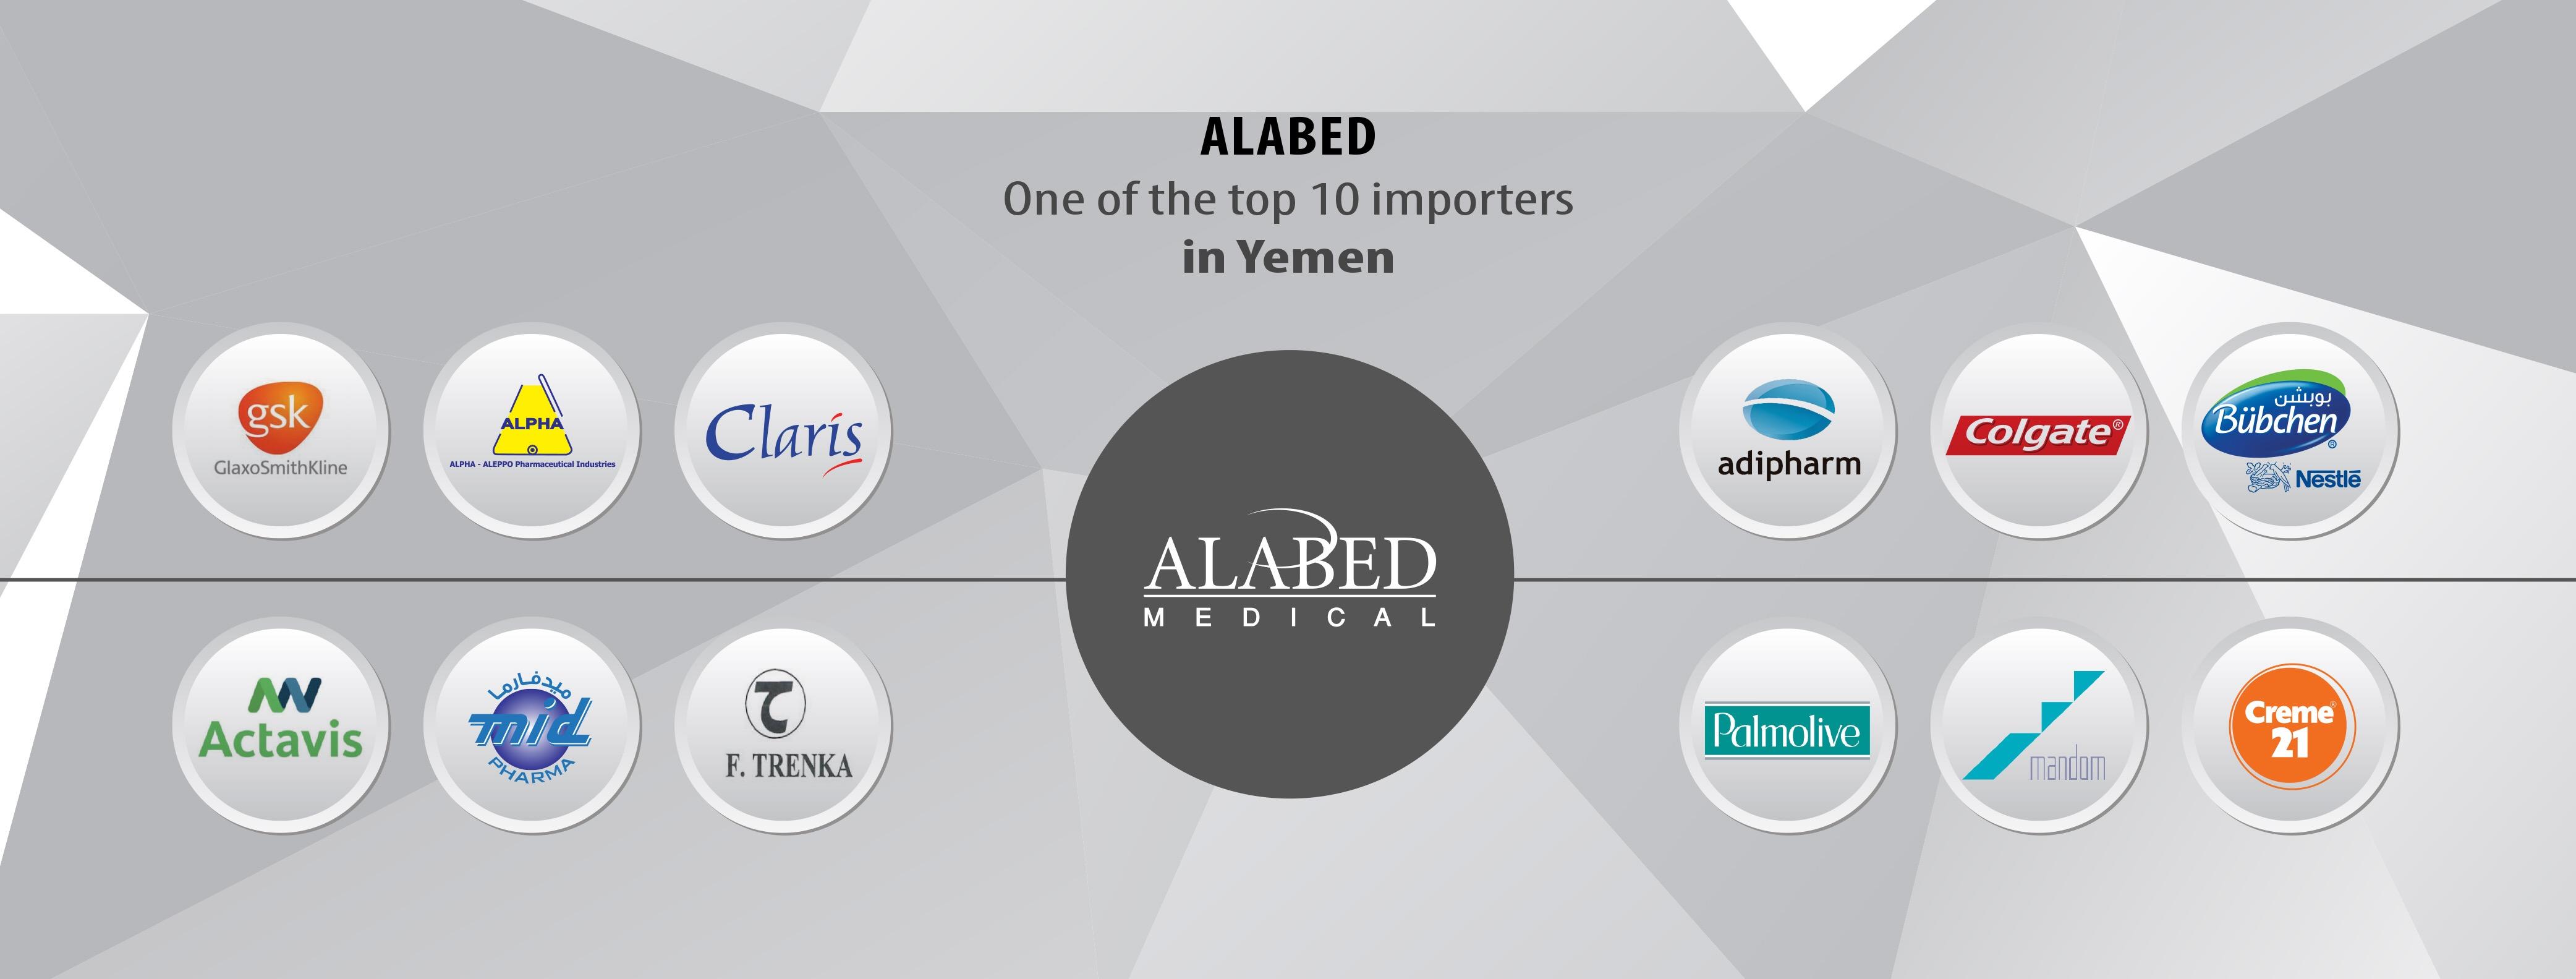 Al-Abed Medical website